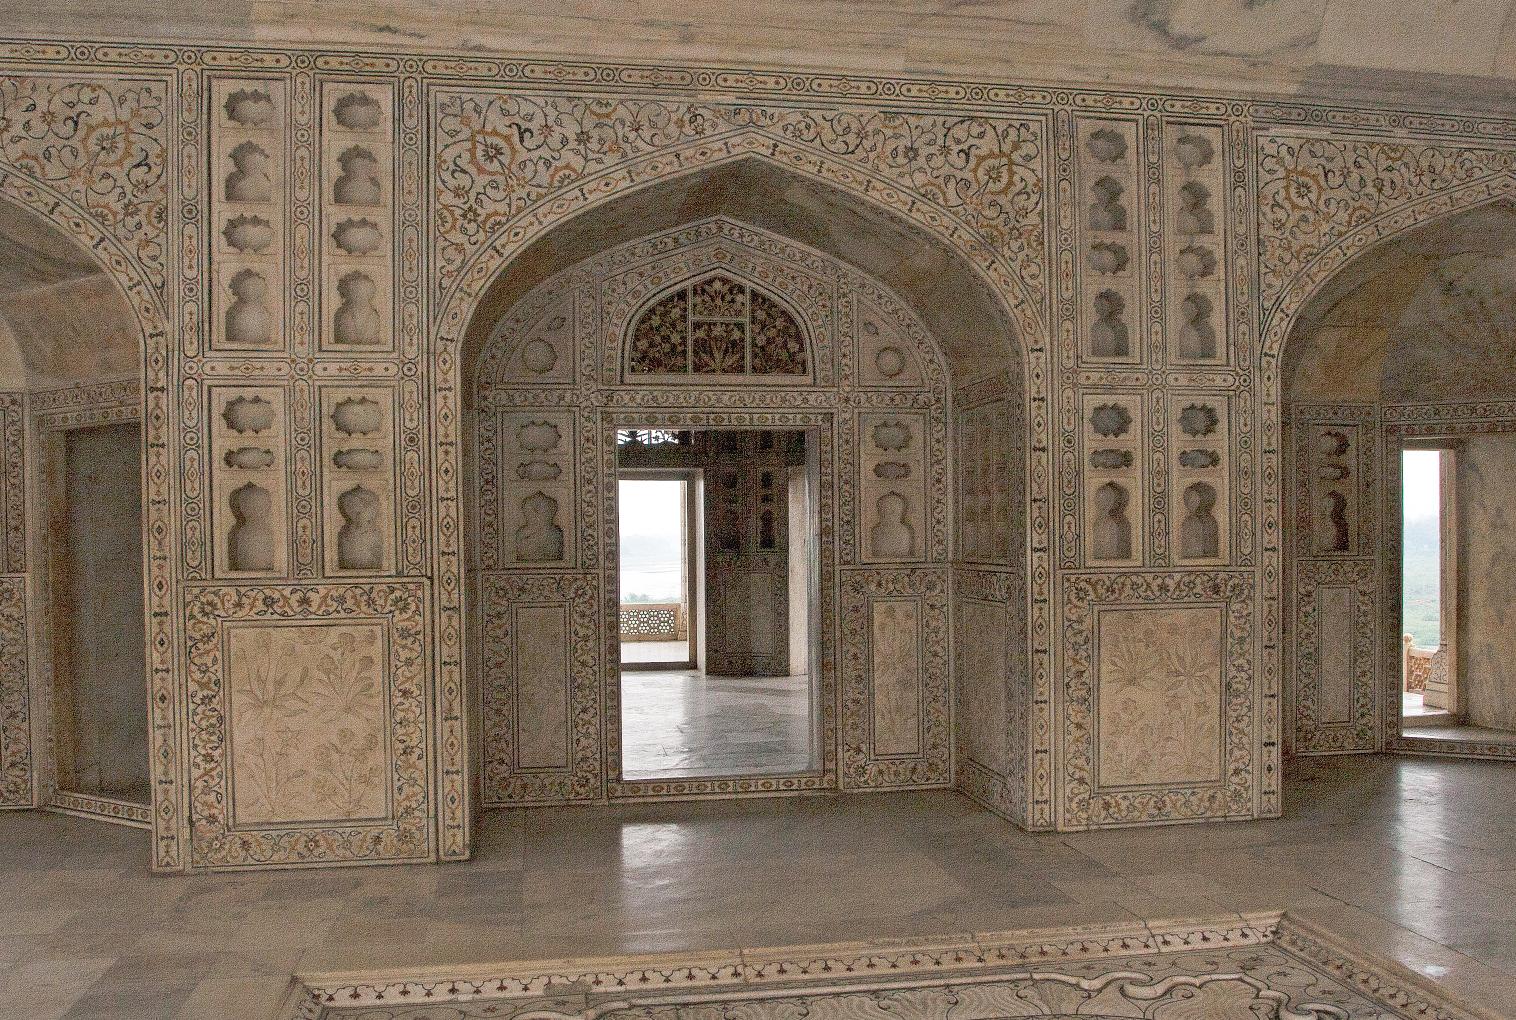 Det ble ikke spart på marmoren, verken i Taj Mahal eller Agra Fort.